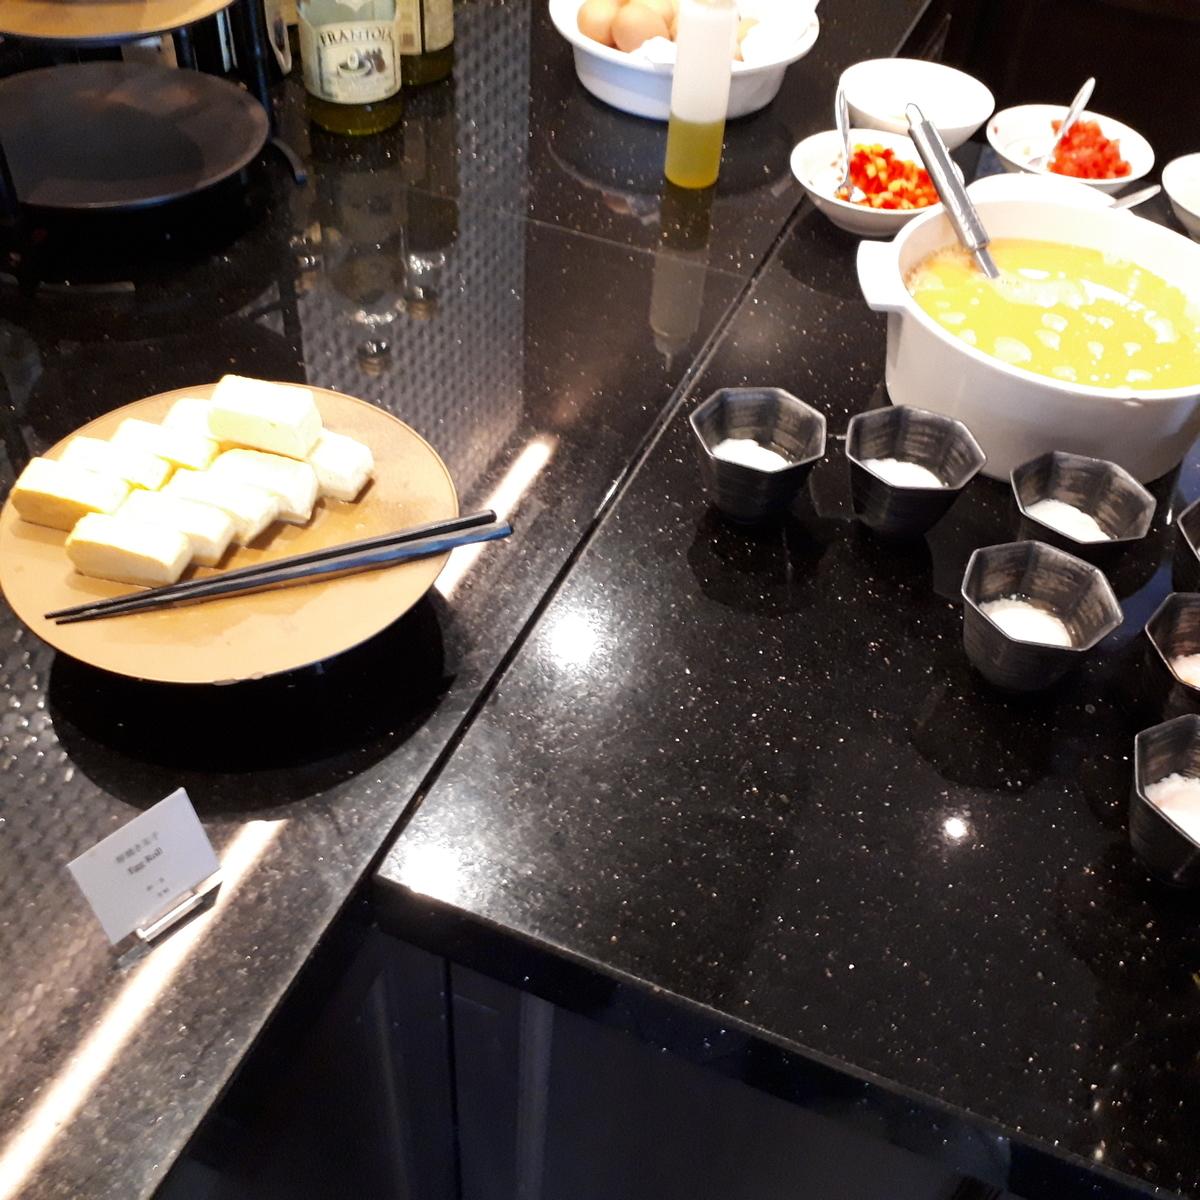 リッツカールトン大阪 クラブラウンジ 朝食 だし巻き卵 ライブキッチン